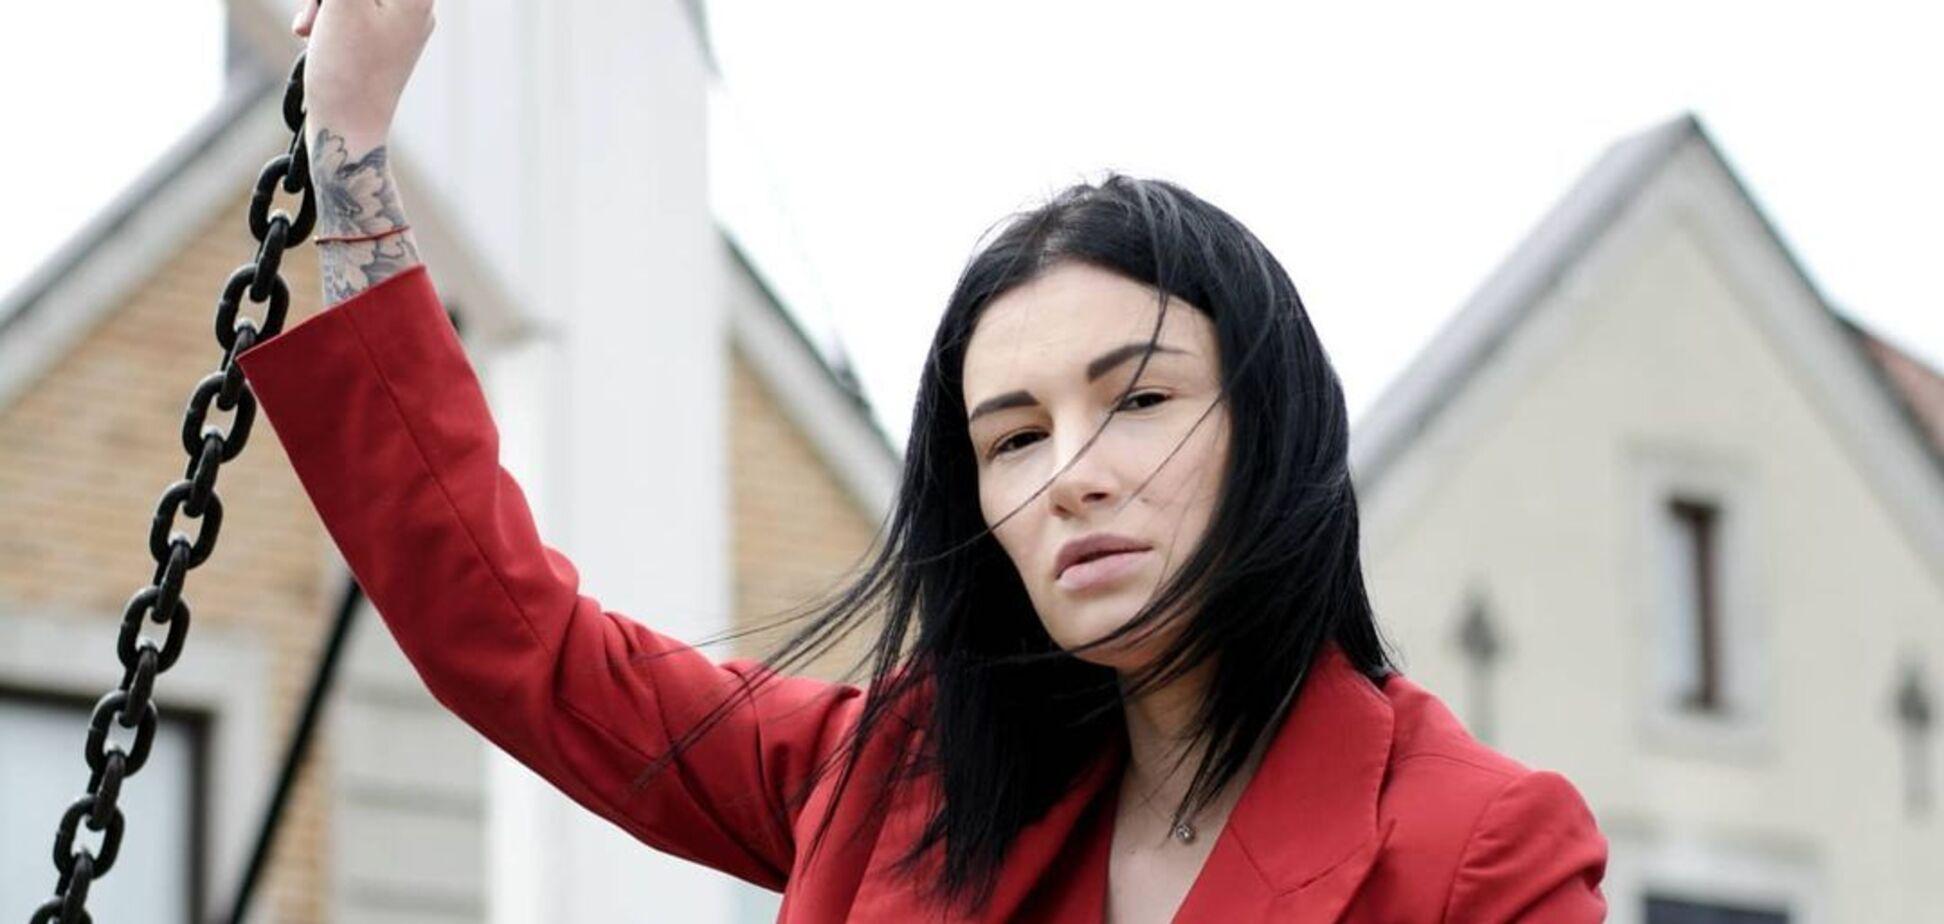 Анастасія Приходько зізналася, що колишній чоловік зраджував їй, а вона прощала